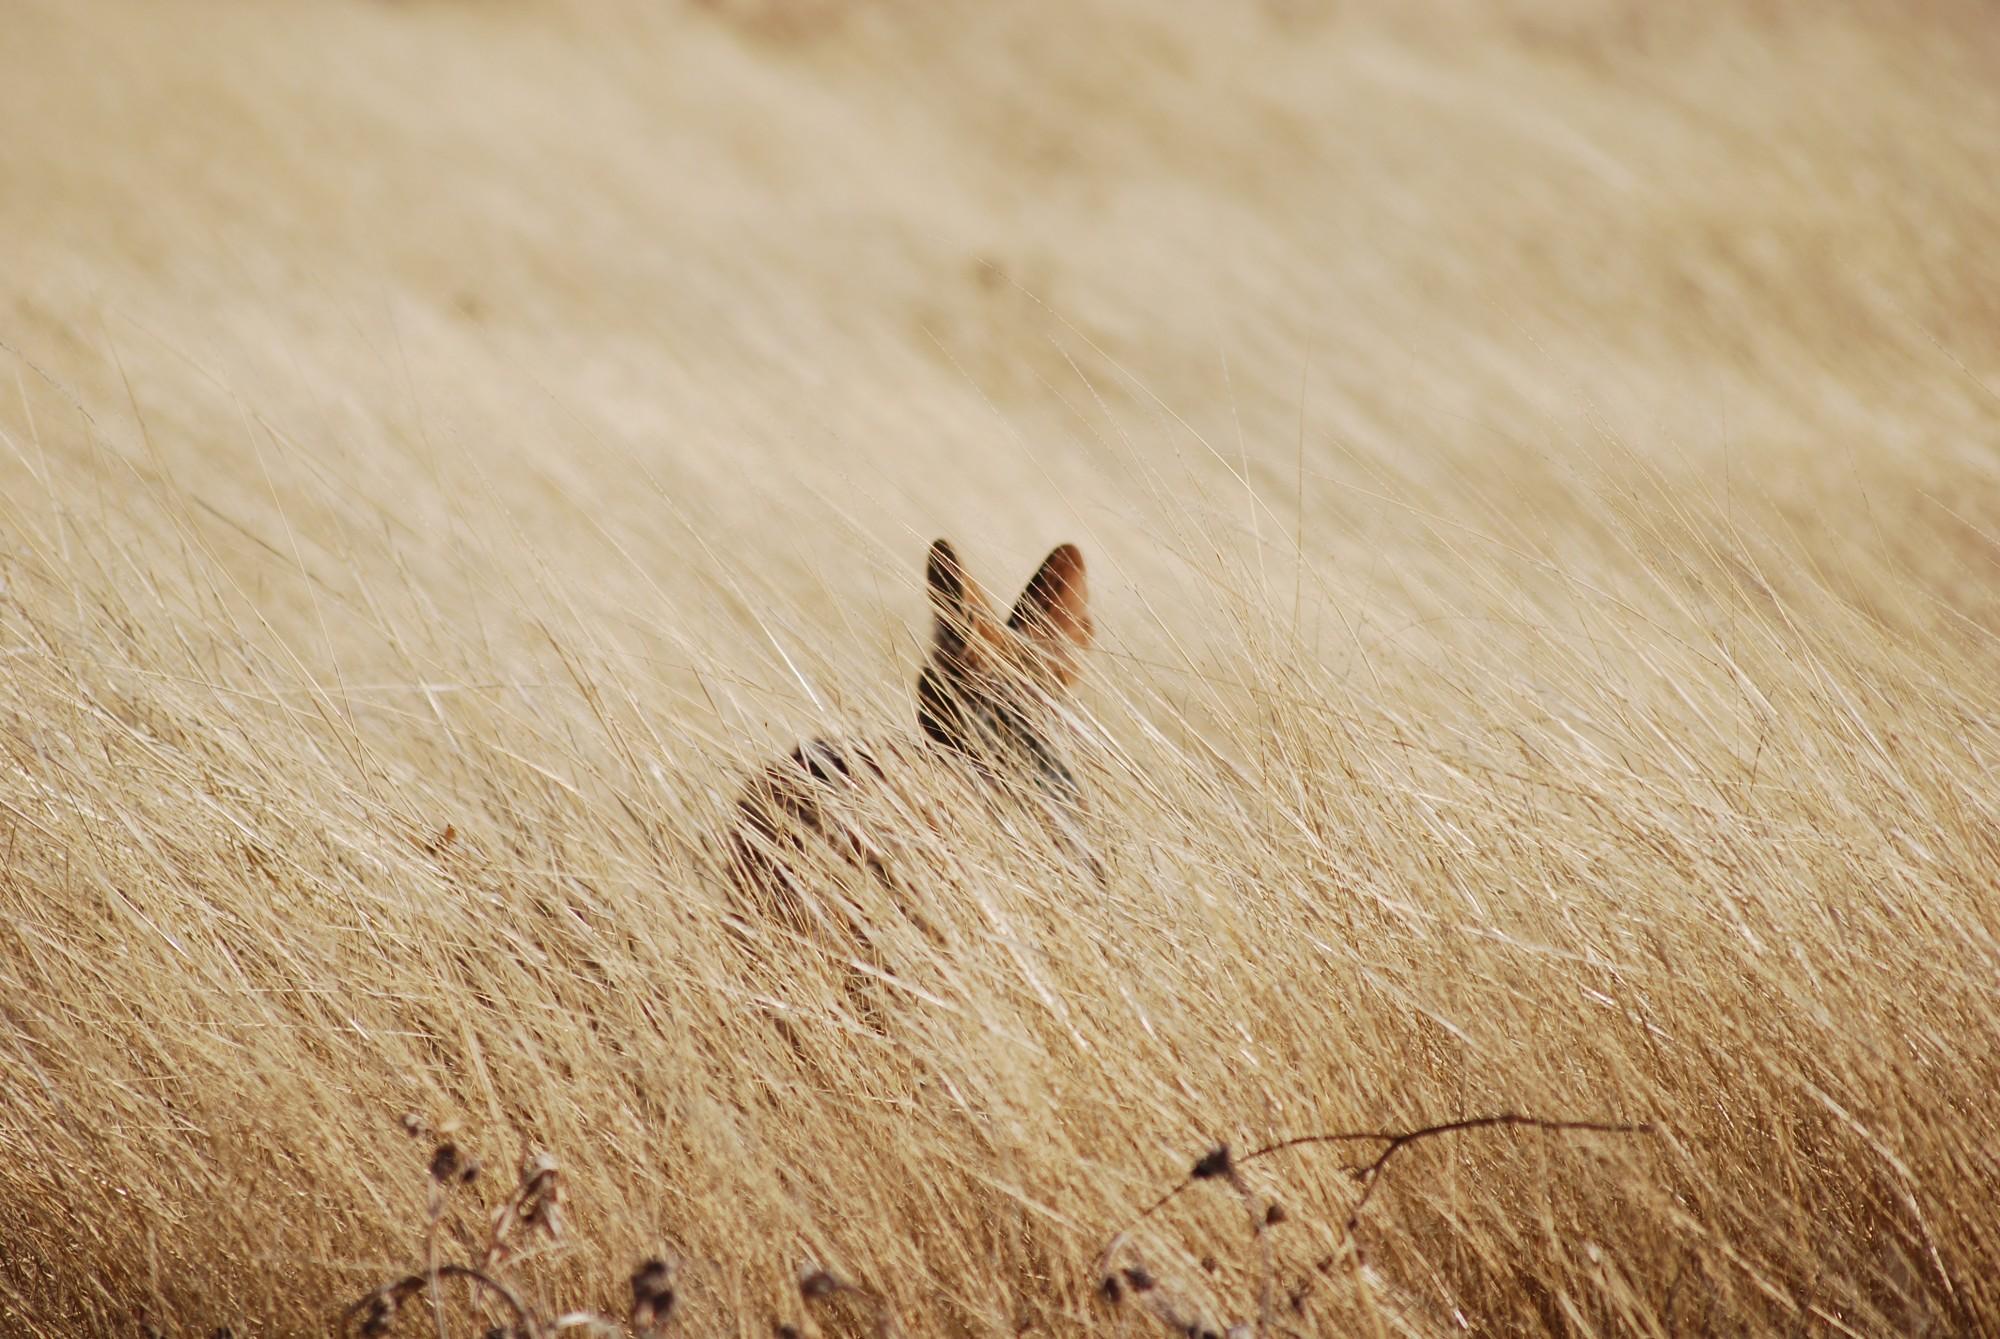 Schakal von hinten fotografiert stehend in einer Wiese aus trockenem Gras